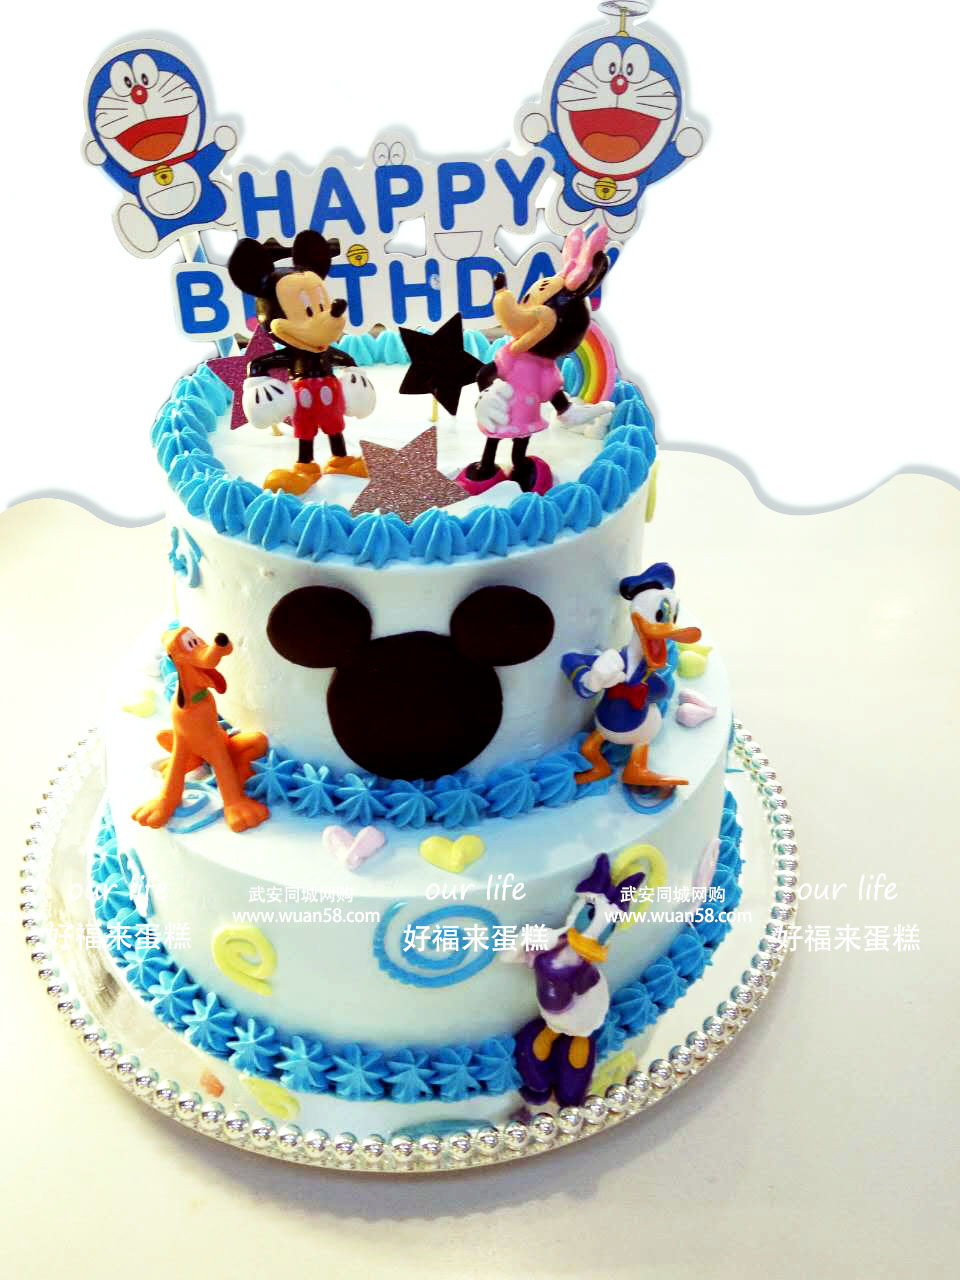 唐老鴨米老鼠 創意 雙層_多層蛋糕_生日蛋糕_美食_市.